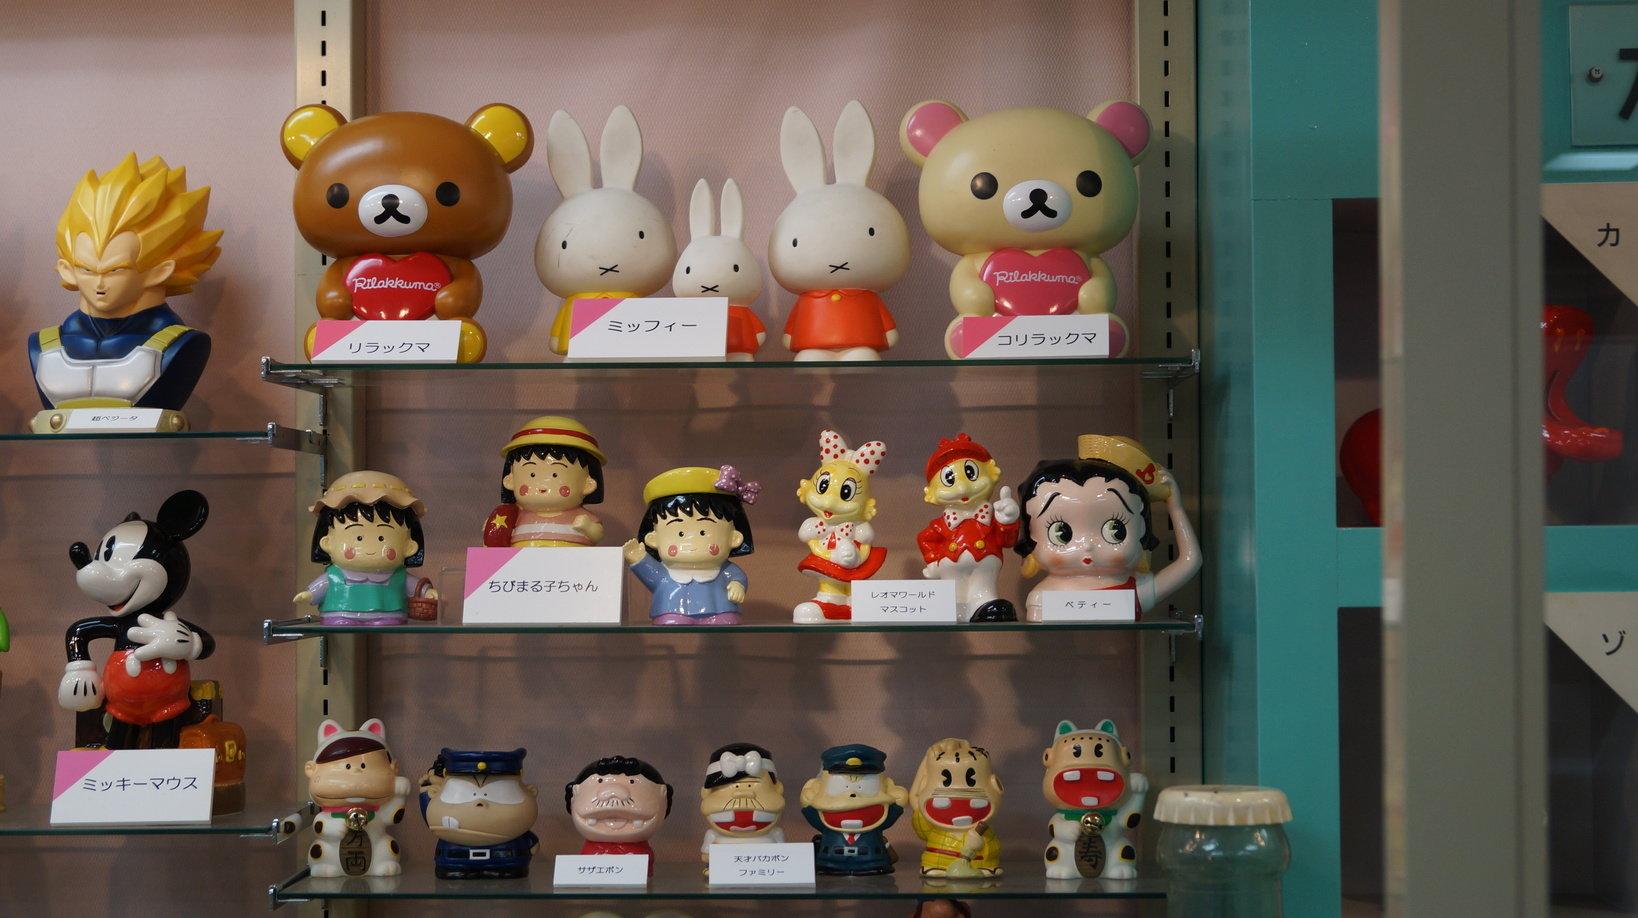 みんなが大好きなキャラクターを採用した貯金箱